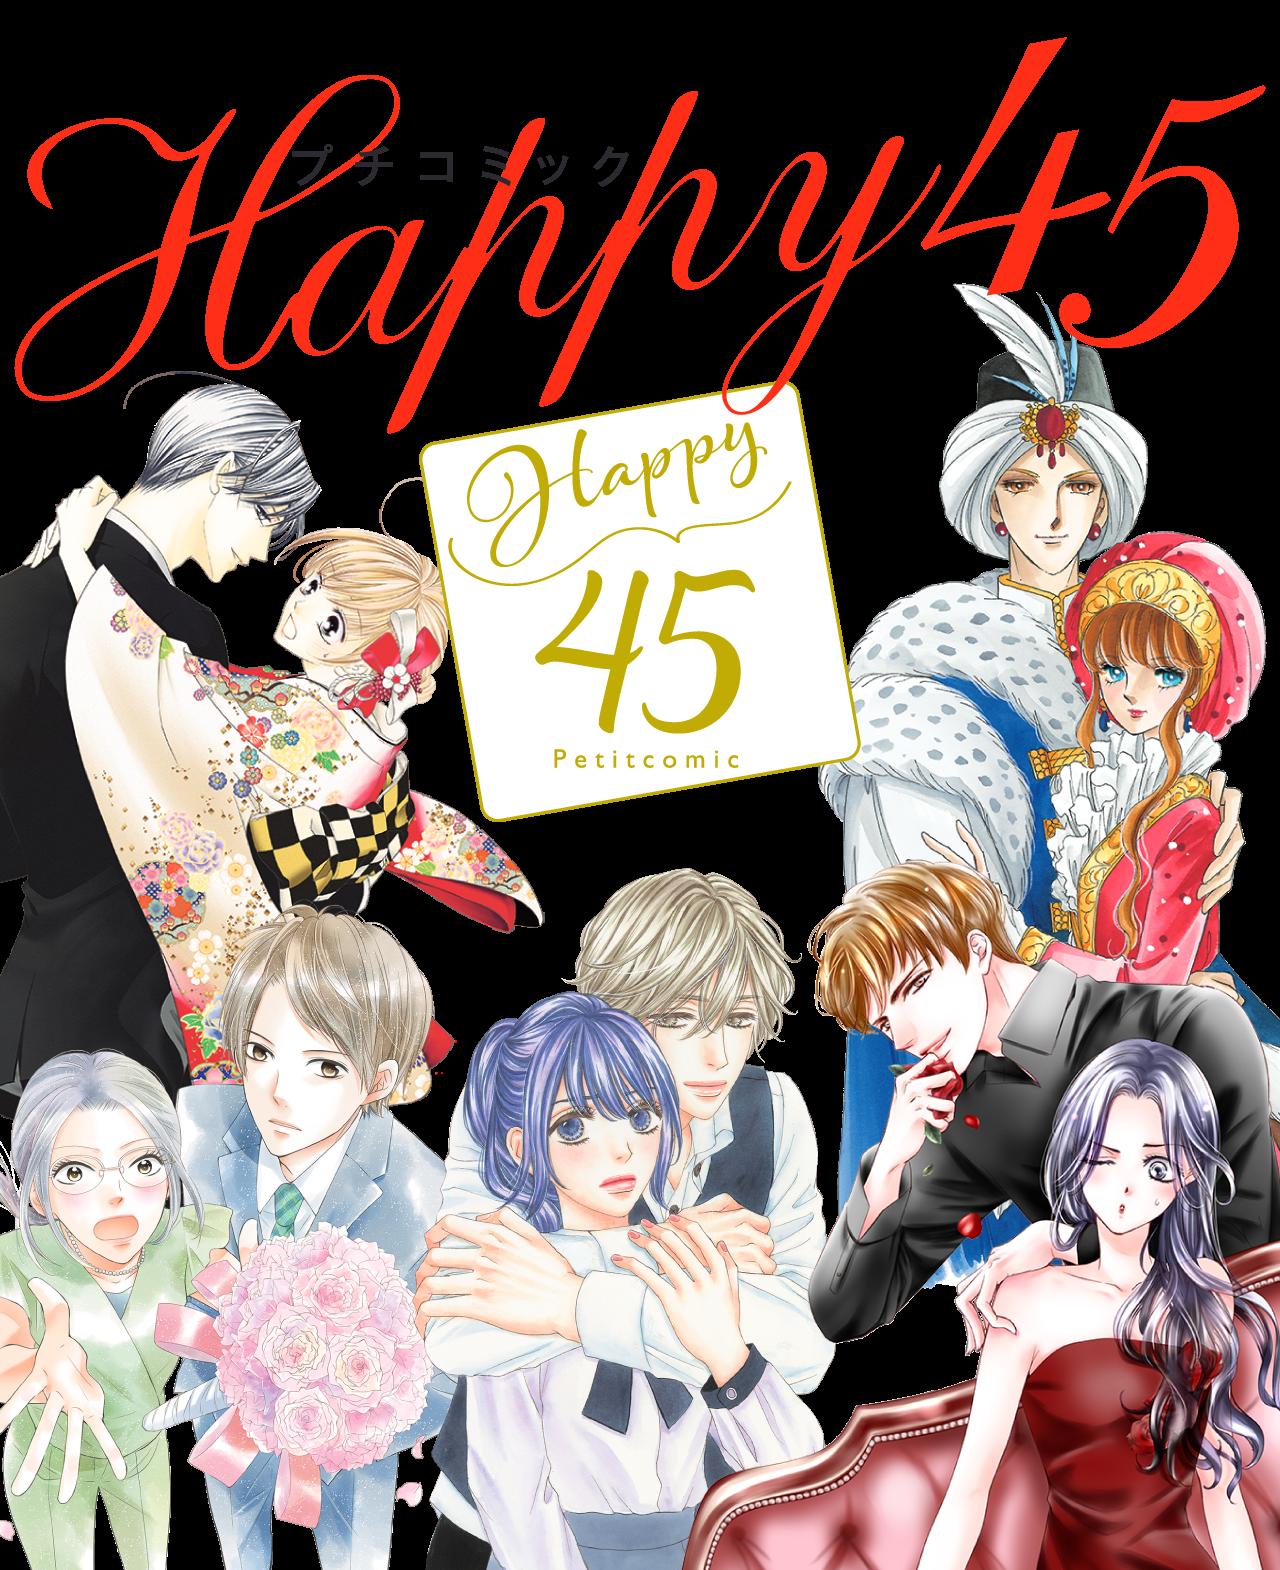 プチコミックHappy45 ~ 創刊45年目特集ページ ~